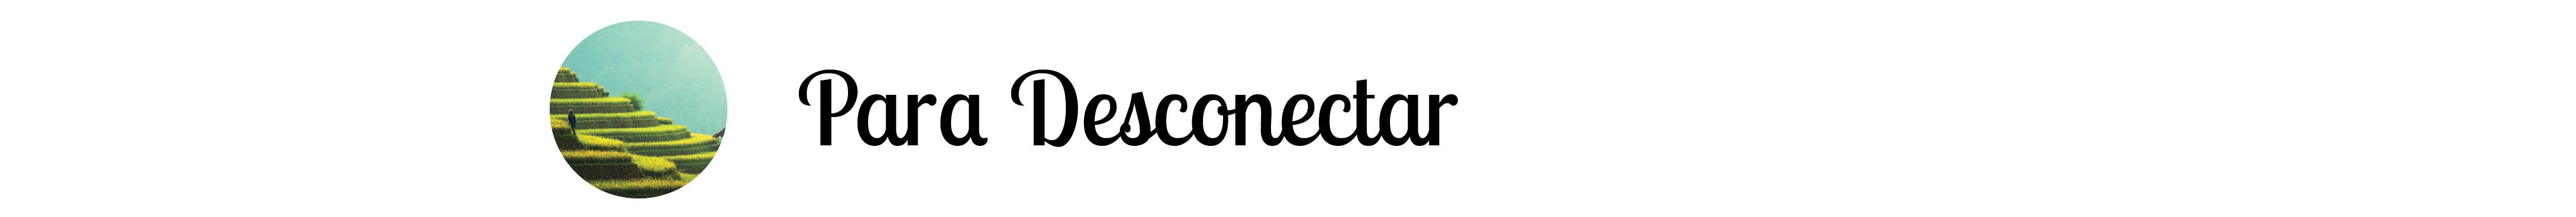 para desconectar